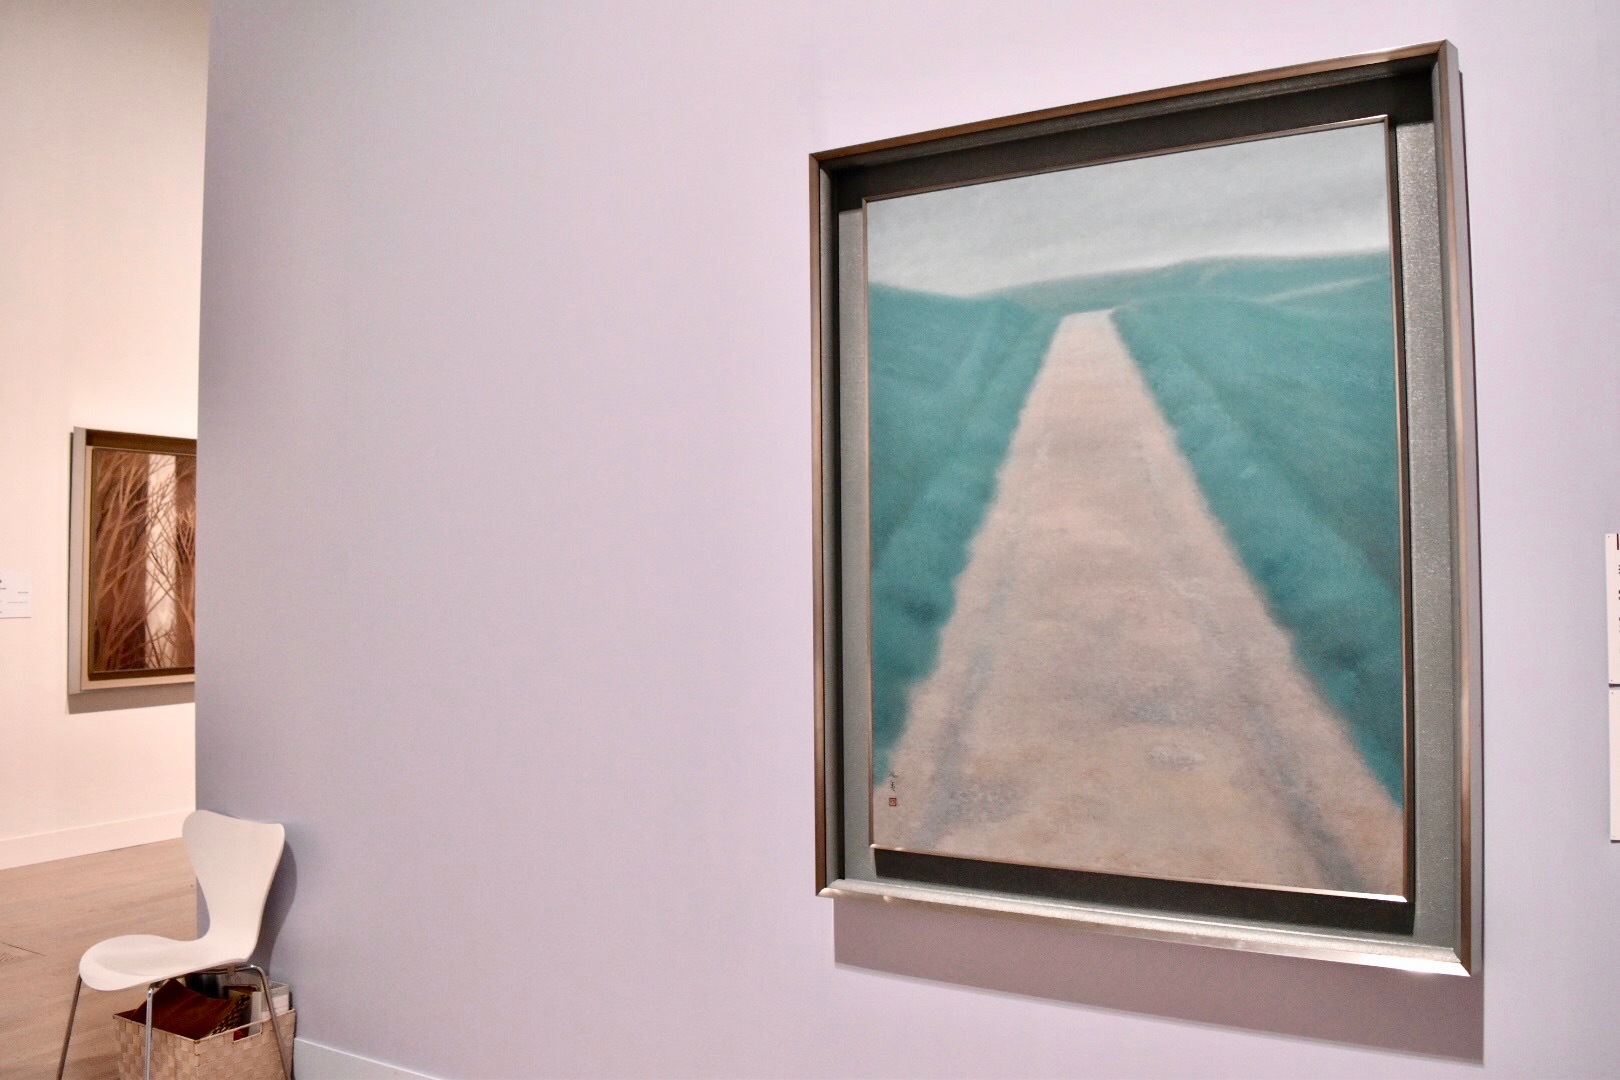 《道》 昭和25年 東京国立近代美術館蔵